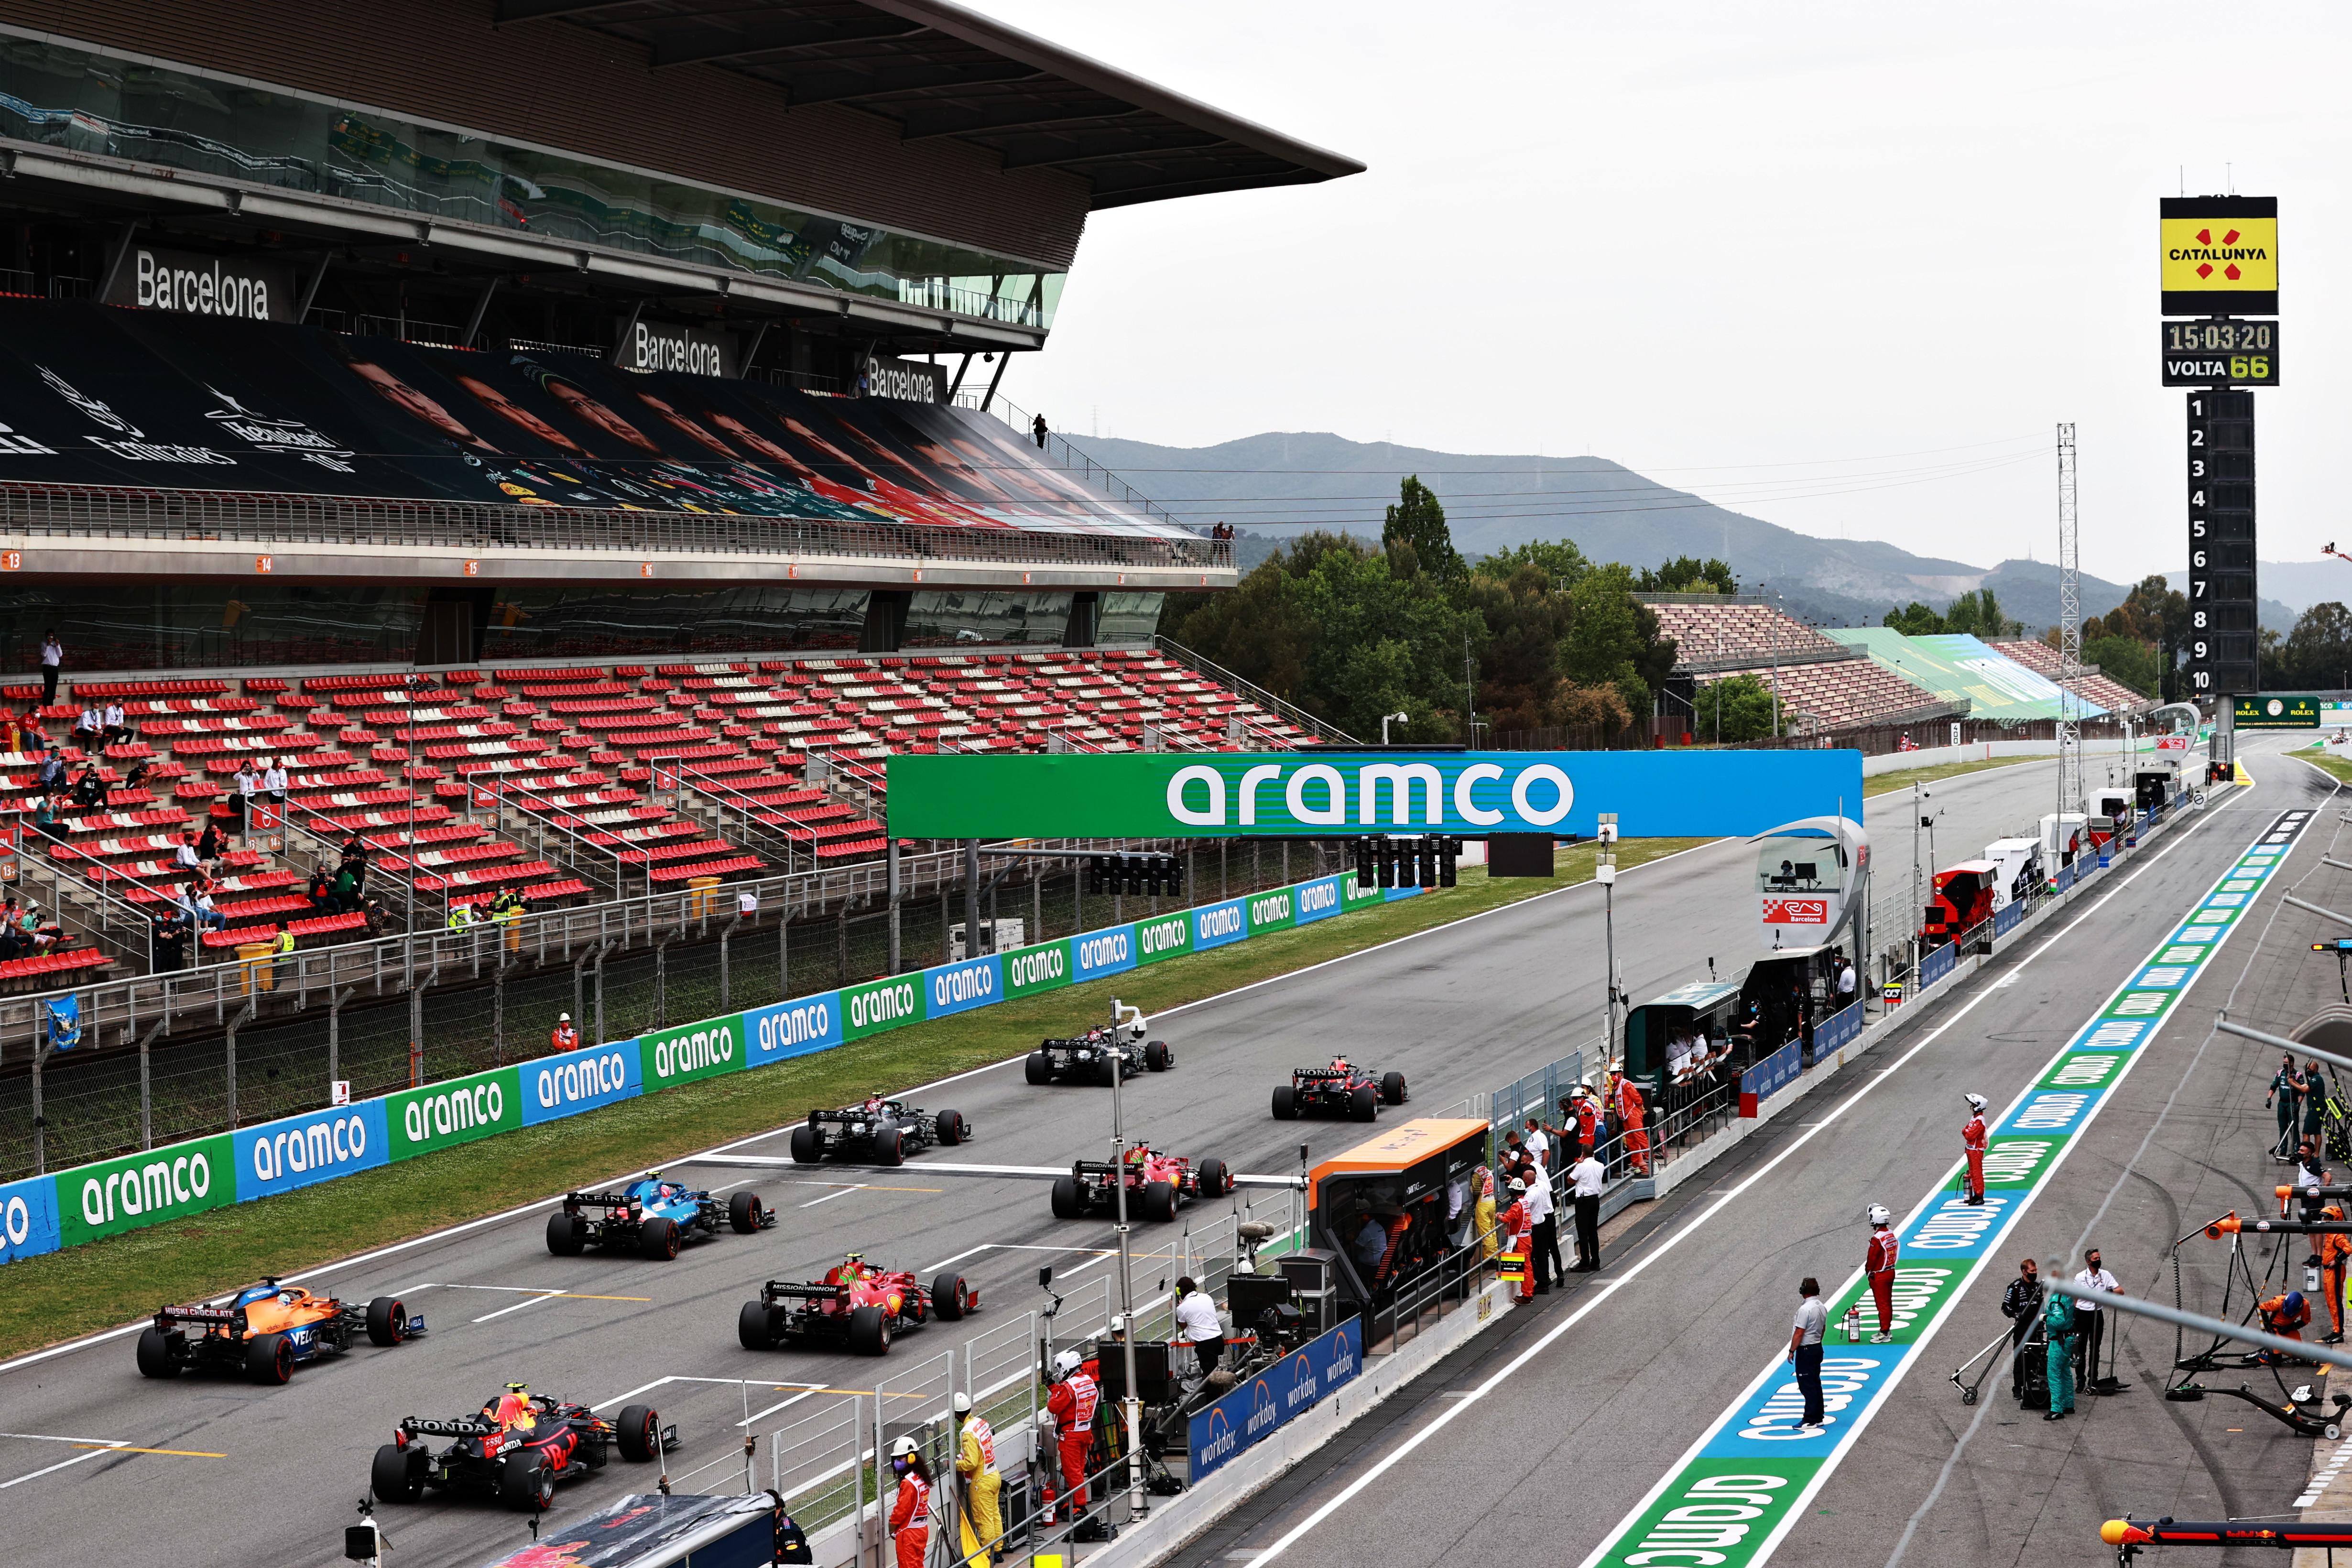 Lewis Hamilton vince il GP di Spagna davanti a Max Verstappen e Valtteri Bottas<br /><br />